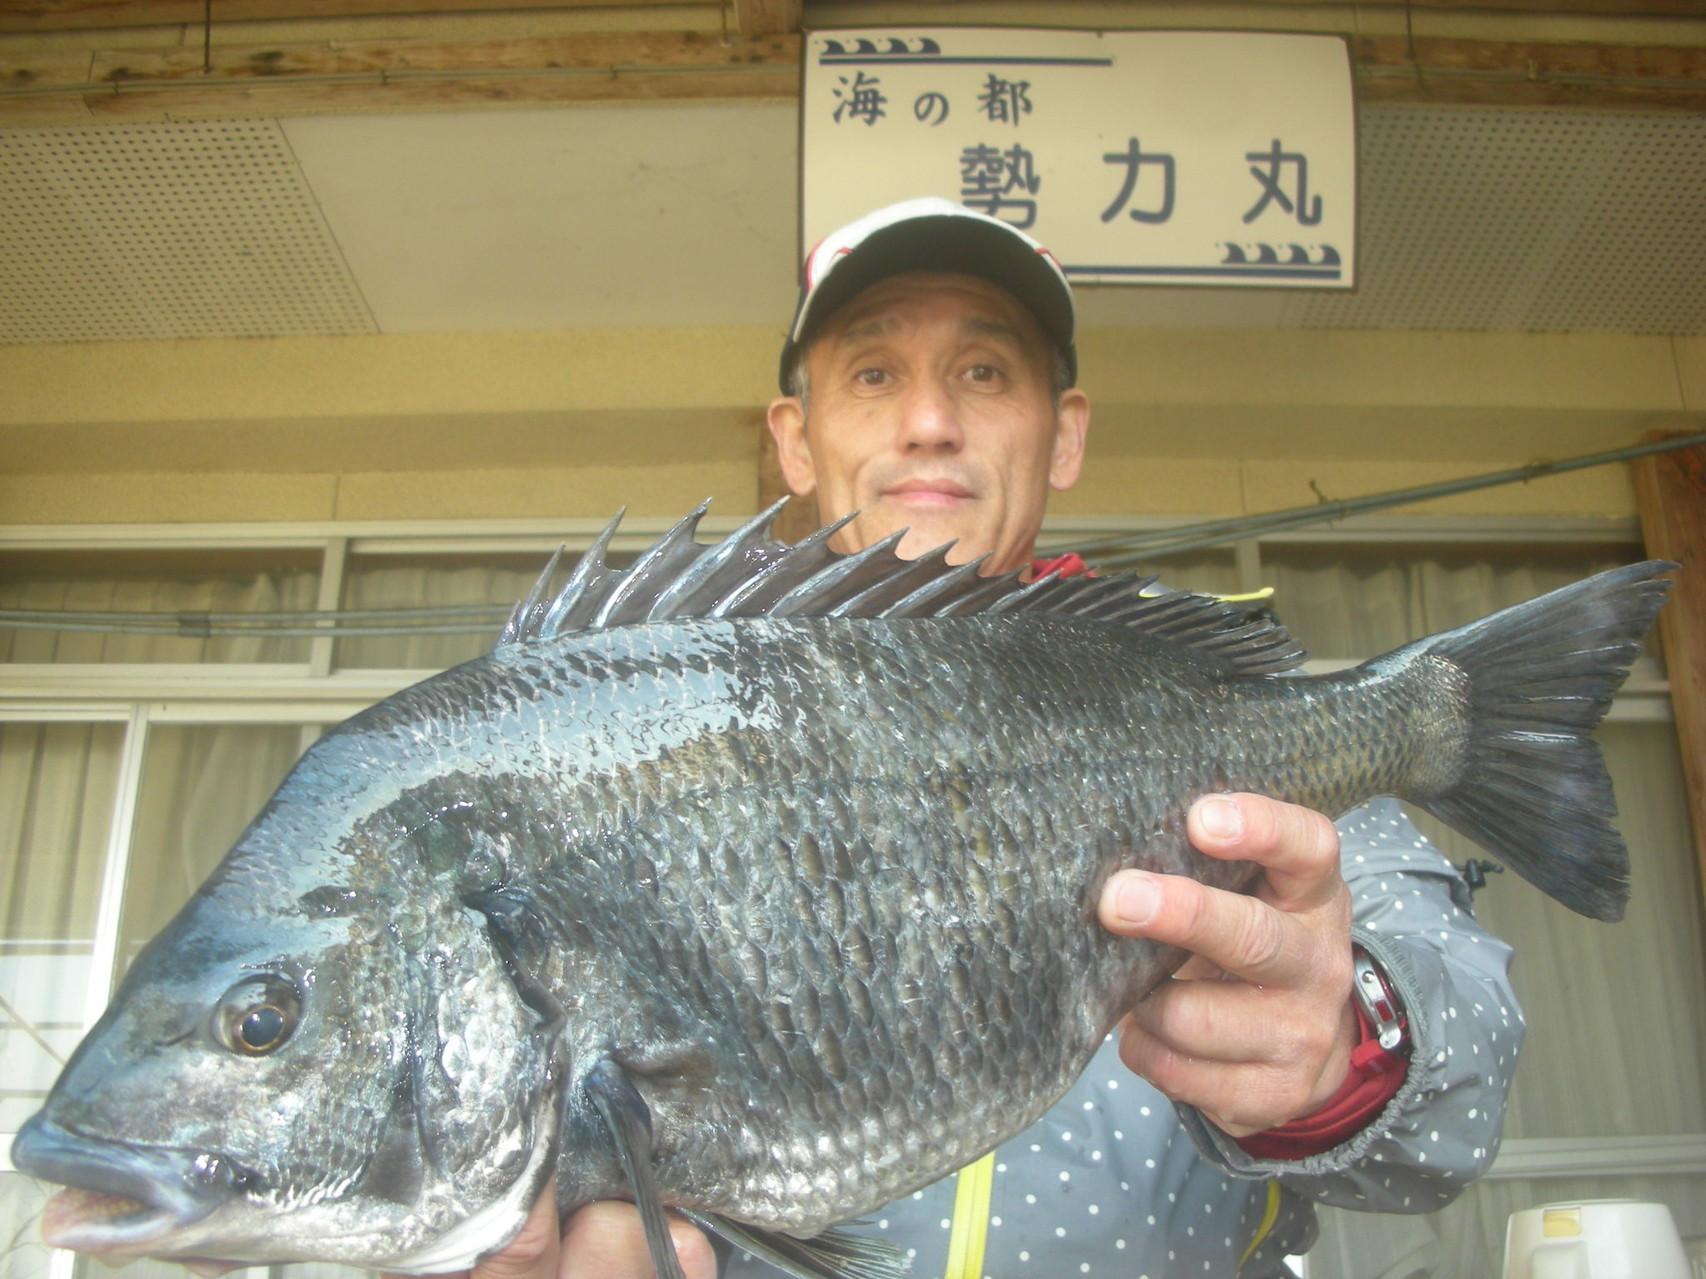 3月23日 多田さん ガバチヌ50.5㎝